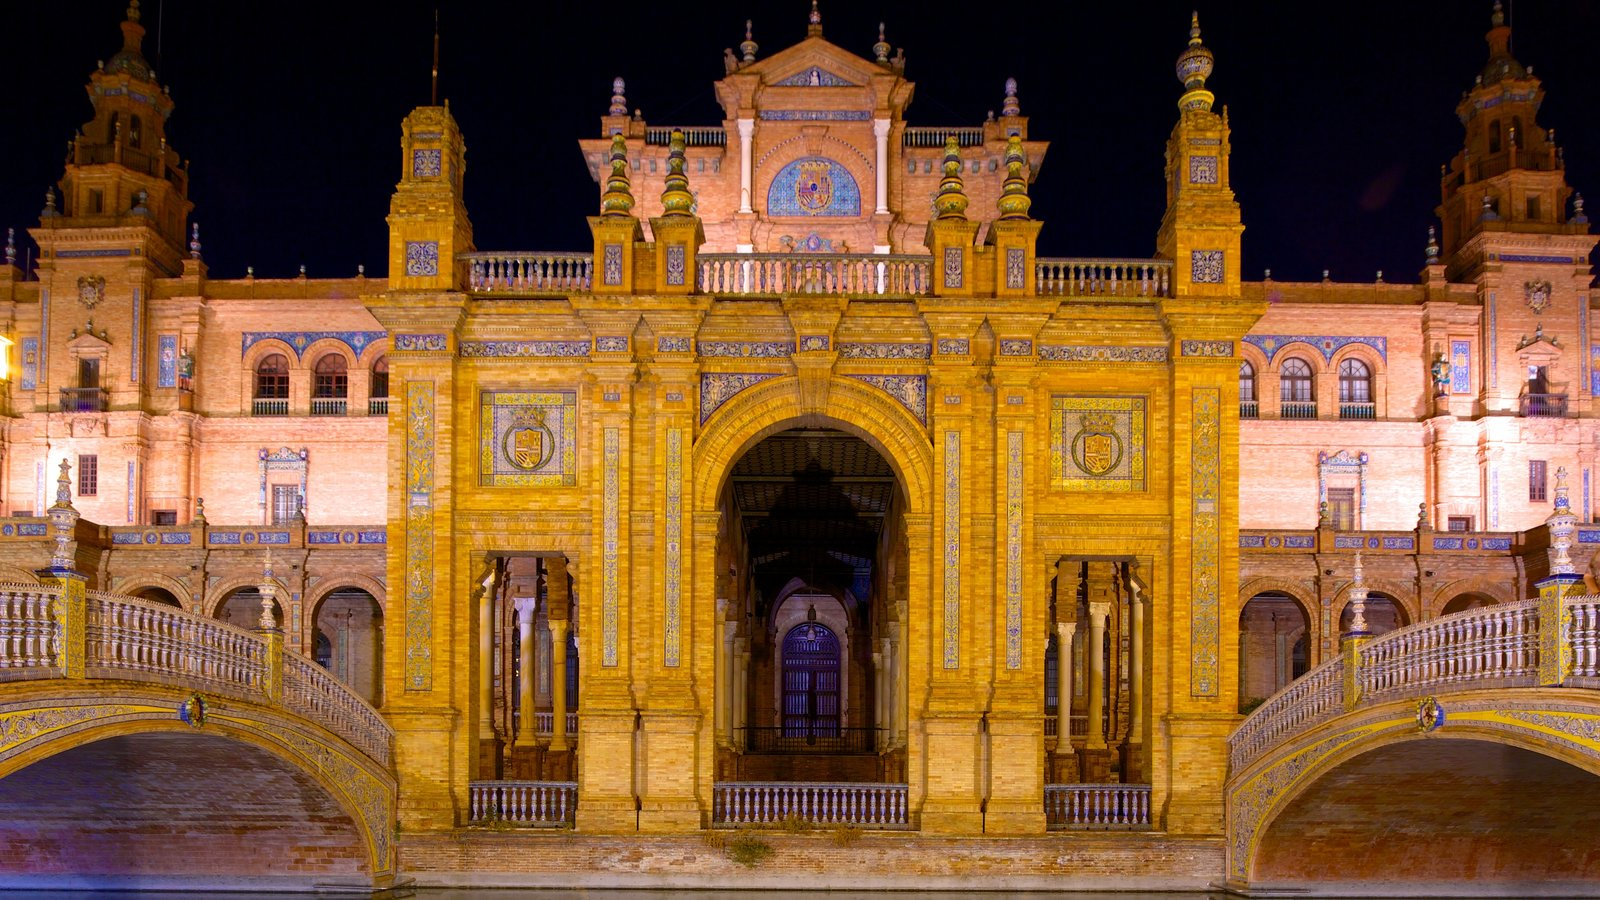 Plaza de España mostrando cenas noturnas, arquitetura de patrimônio e um pequeno castelo ou palácio